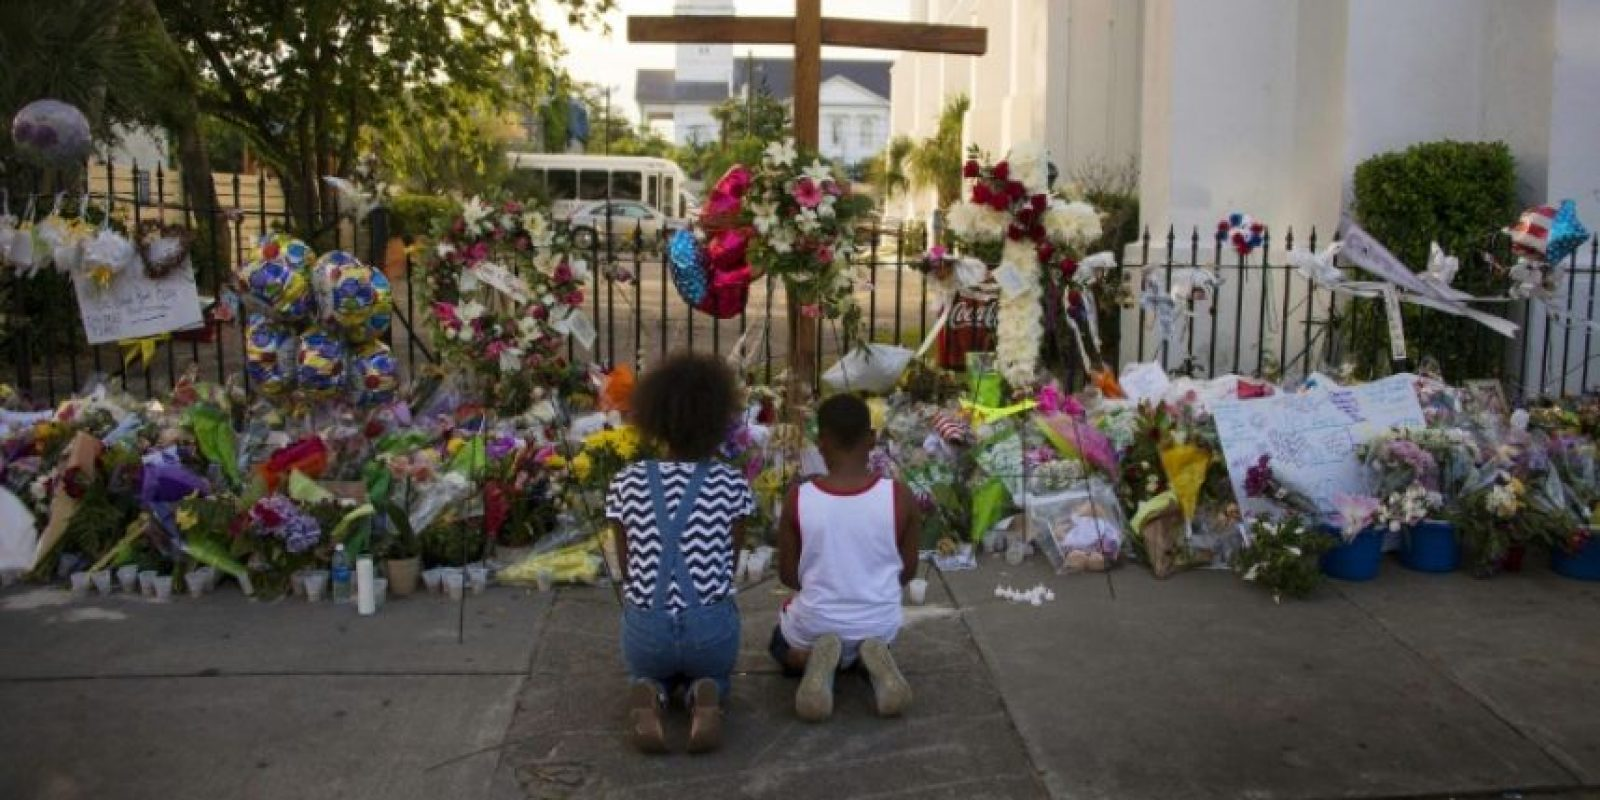 Dos niños rezan delante miles de flores y cartas de condolencias, afuera de la iglesia metodista episcopal africana Madre Emanuel, en Charleston, Estados Unidos, el 23 de junio del 2015 Foto:Jim Watson/afp.com